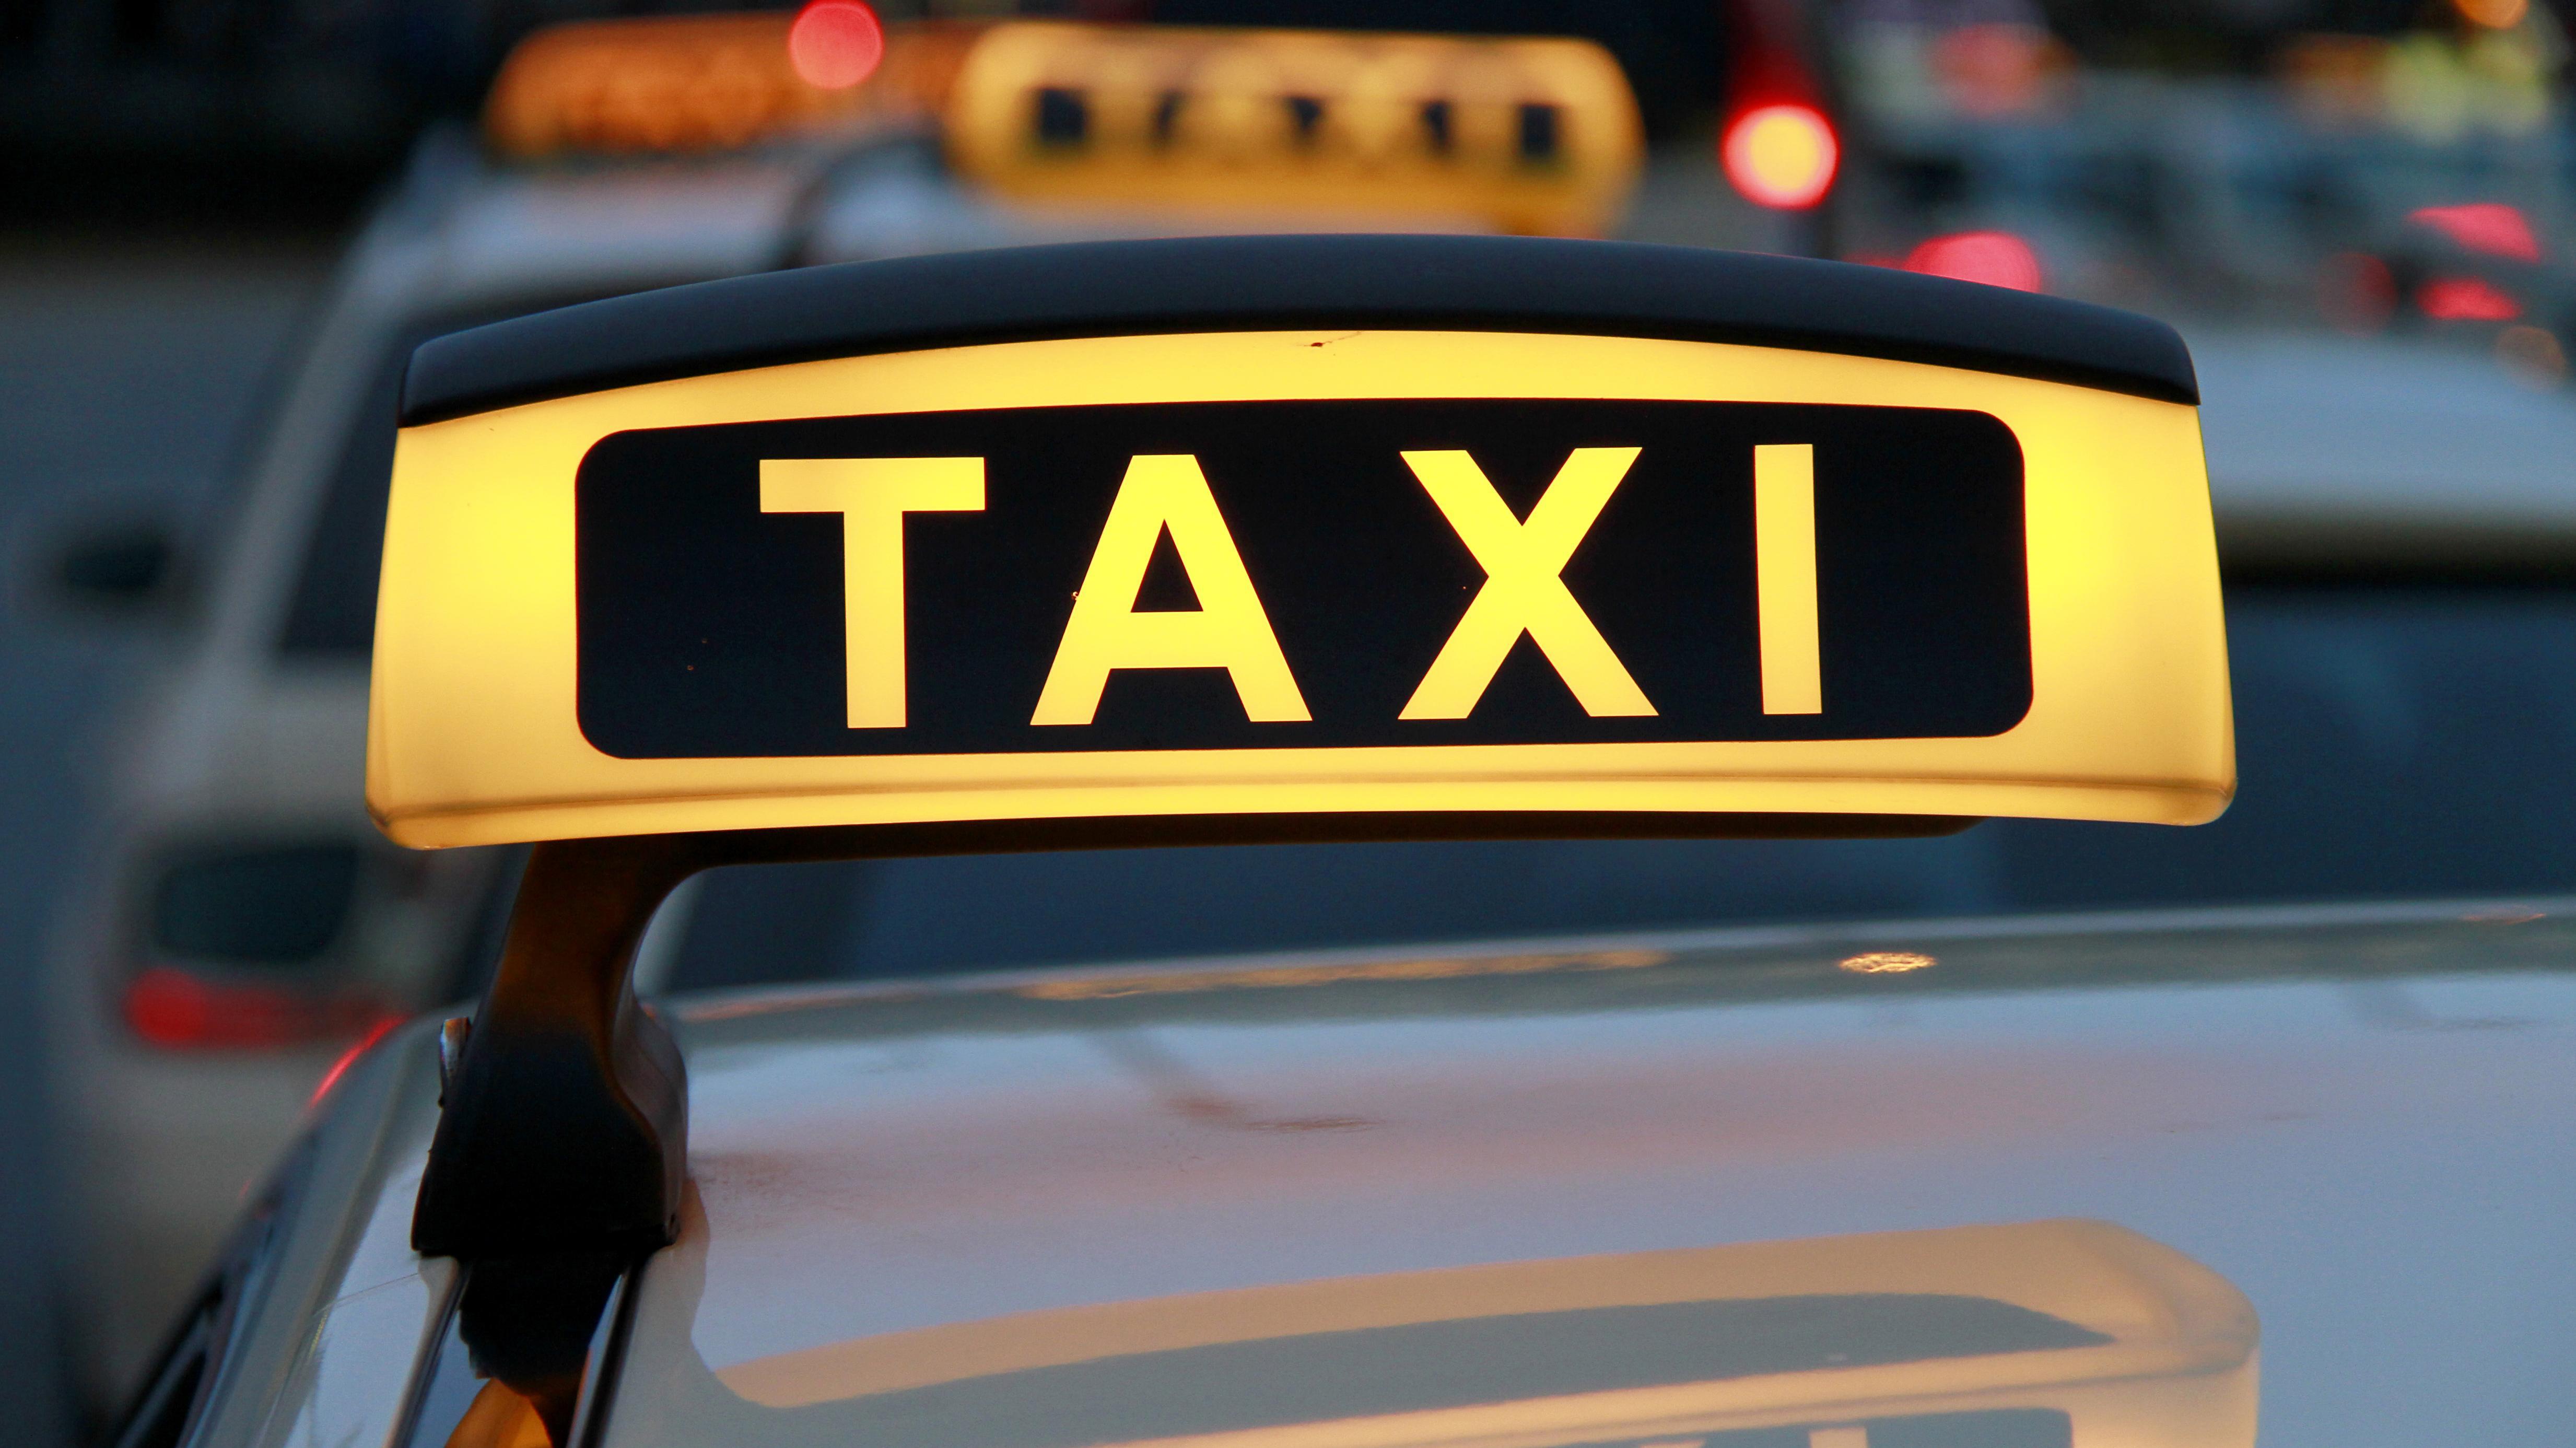 Symbolbild: Taxischild auf Autodach